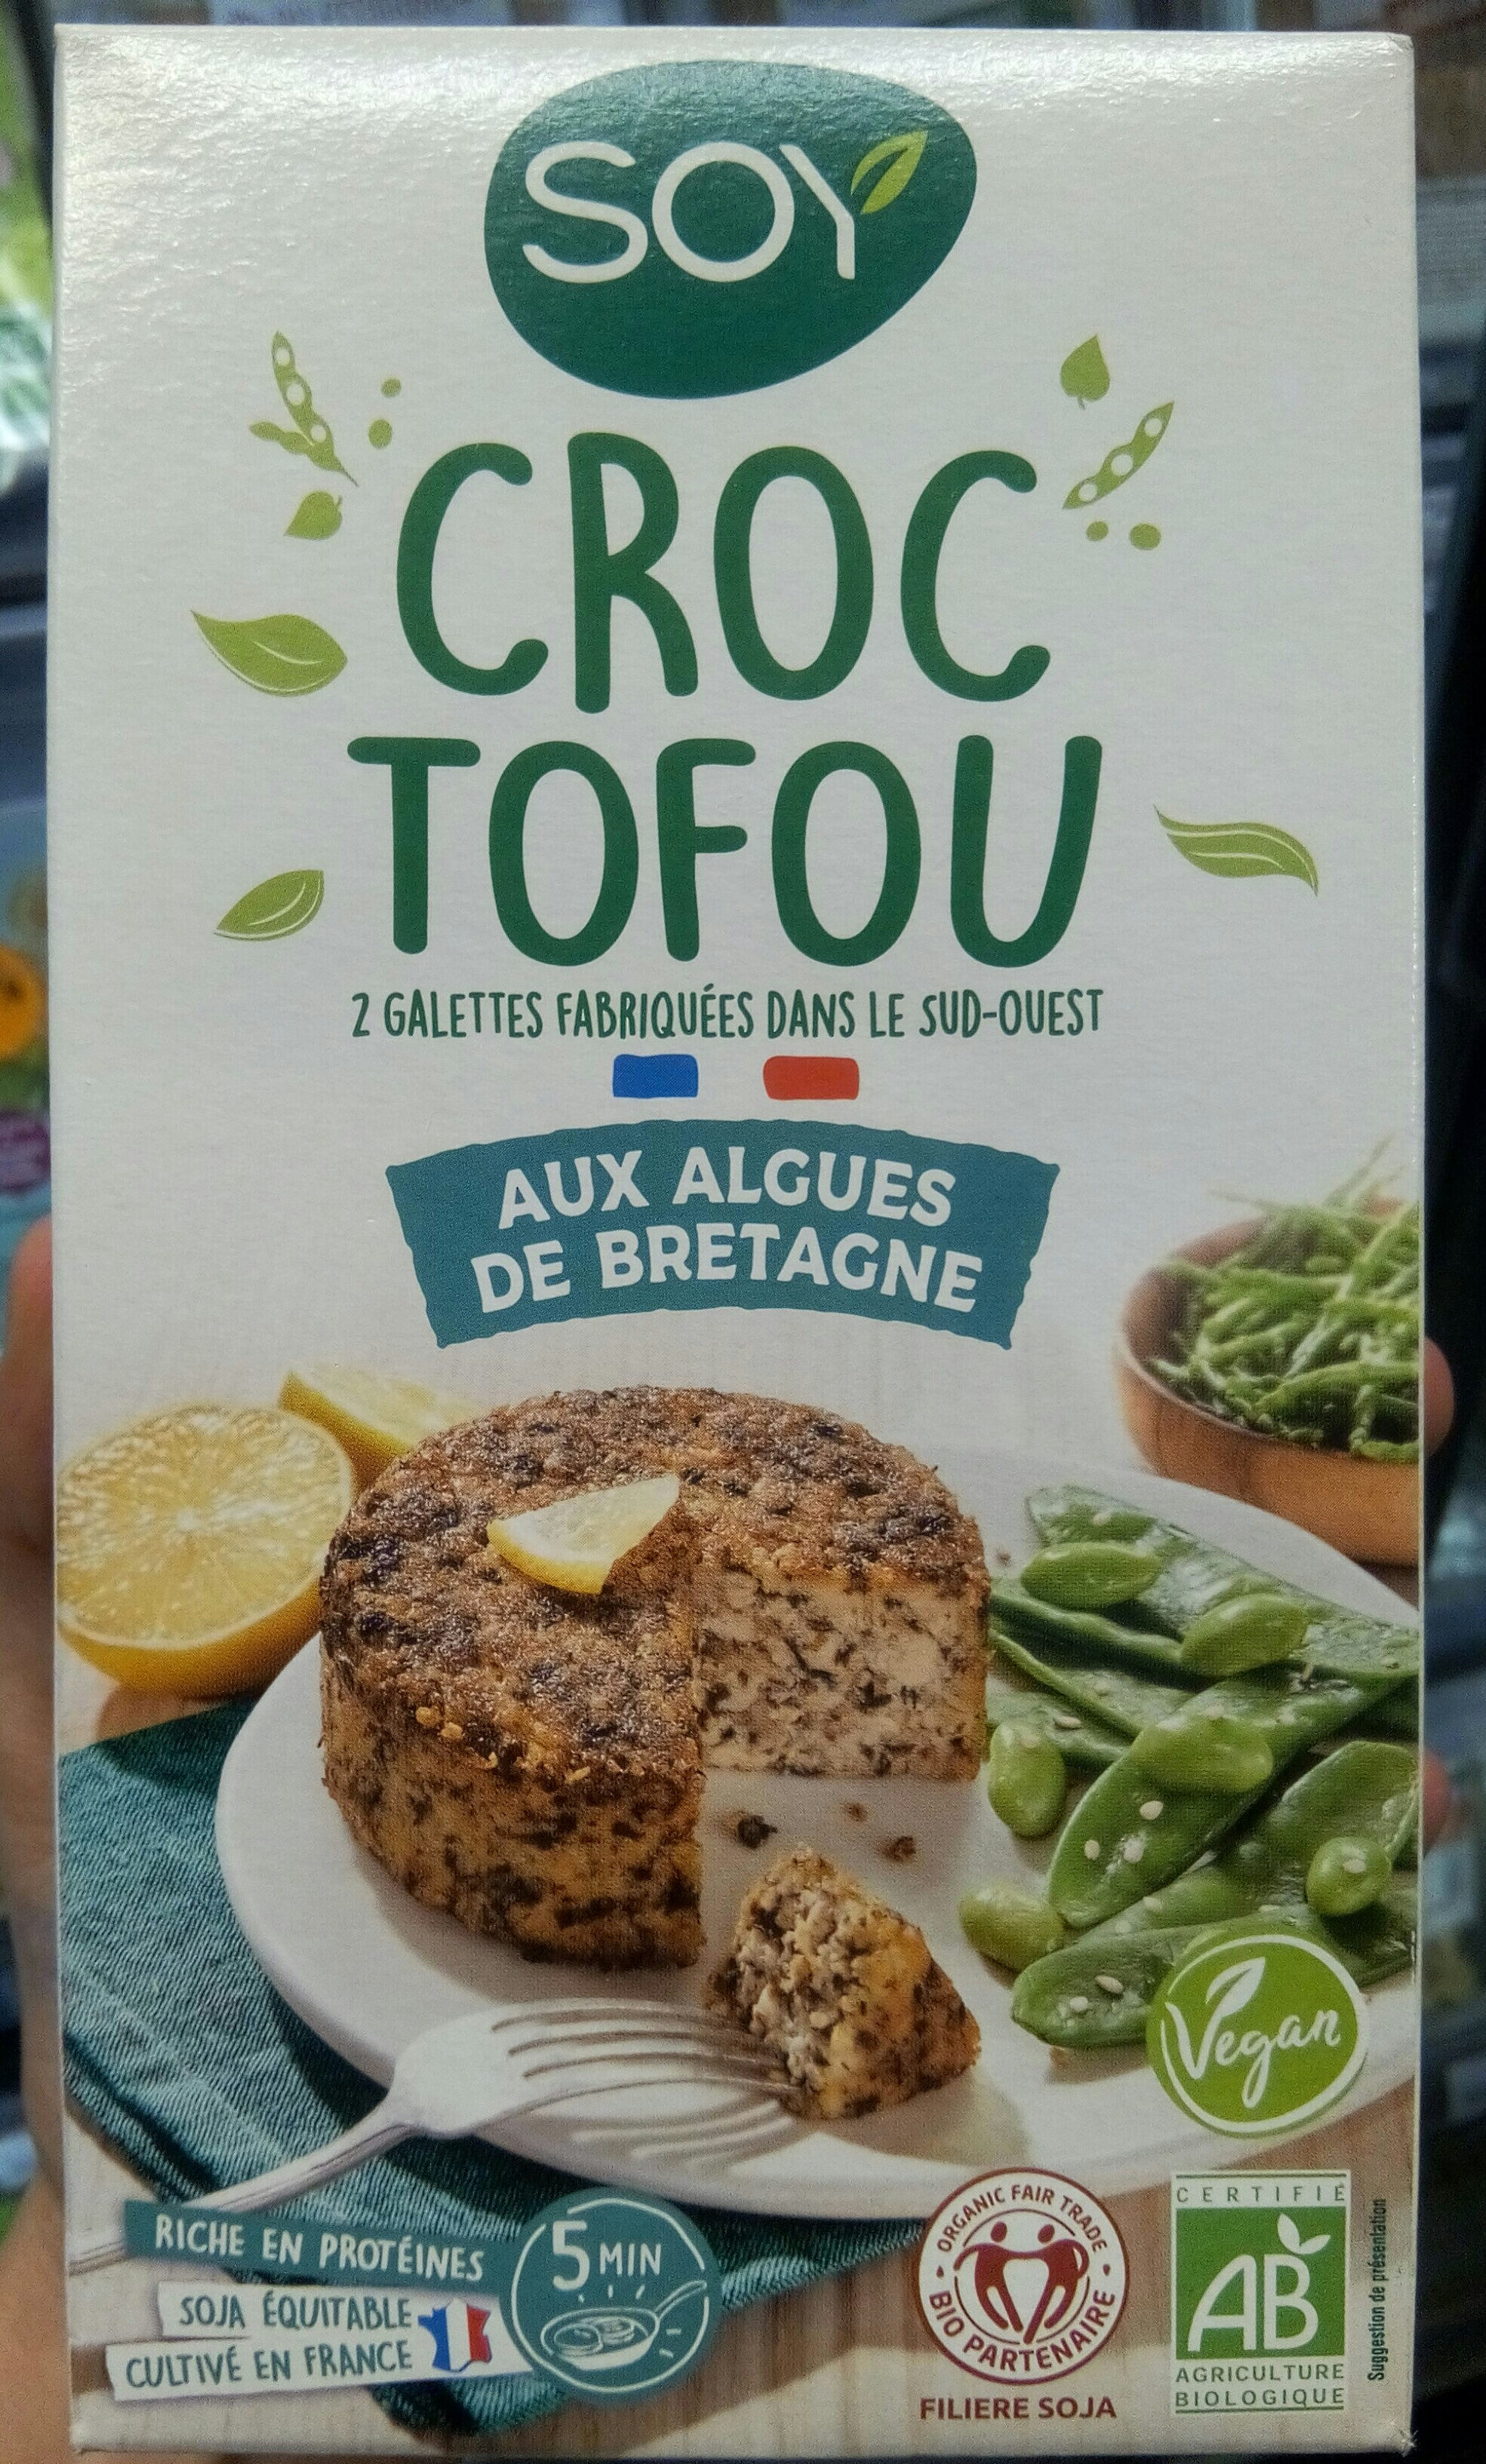 Croc tofu aux algues de bretagne - Produit